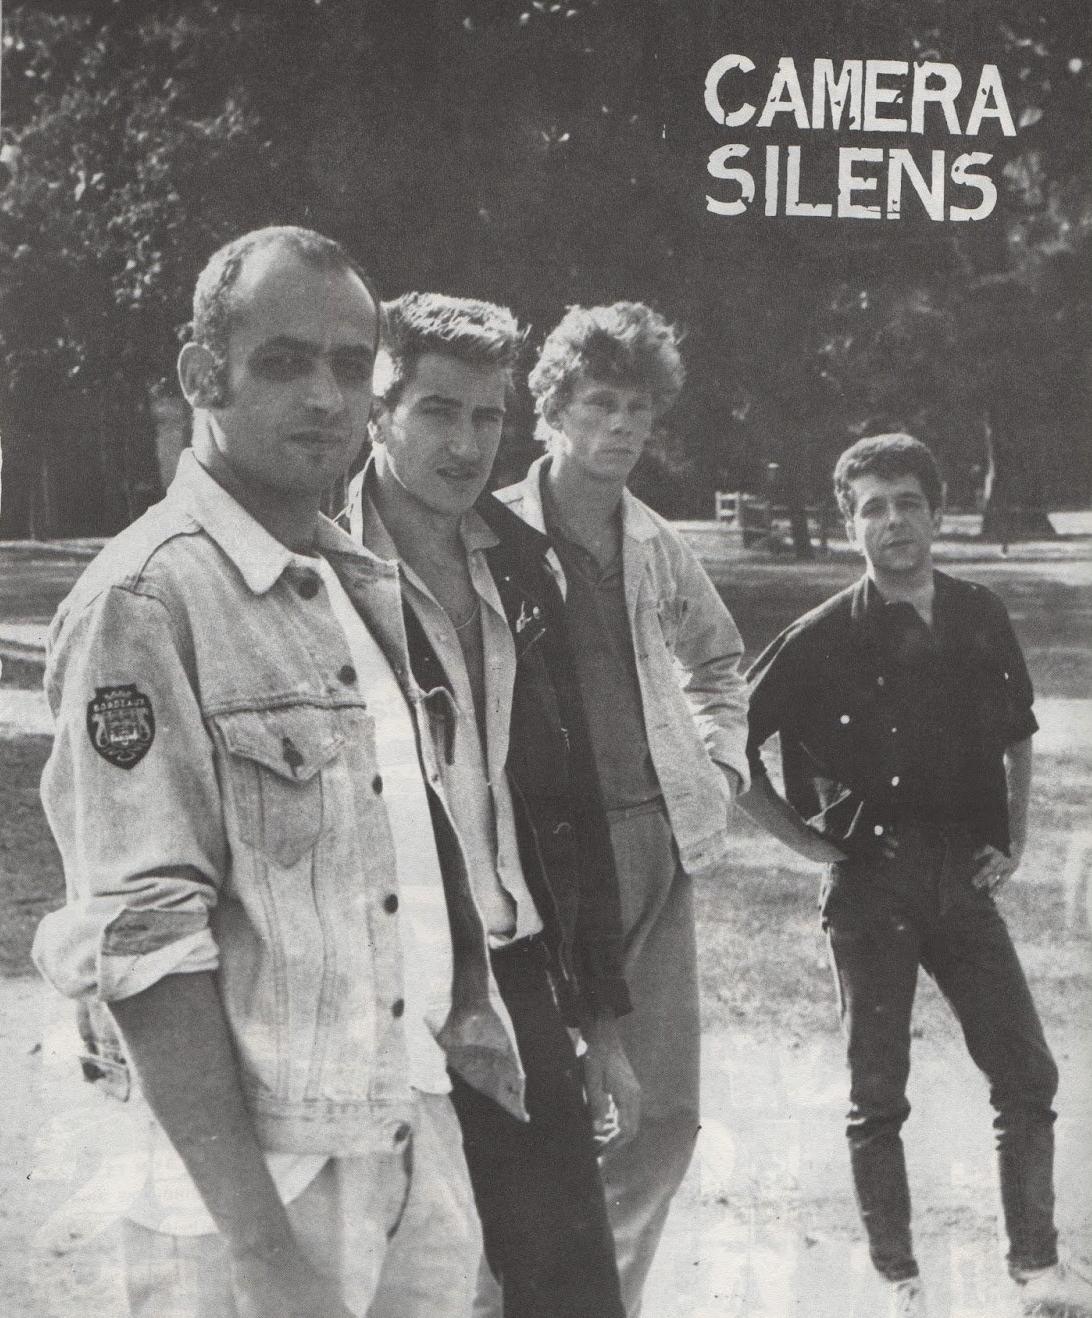 Camera Silens y Gilles Bertin (tercero por la izquierda)